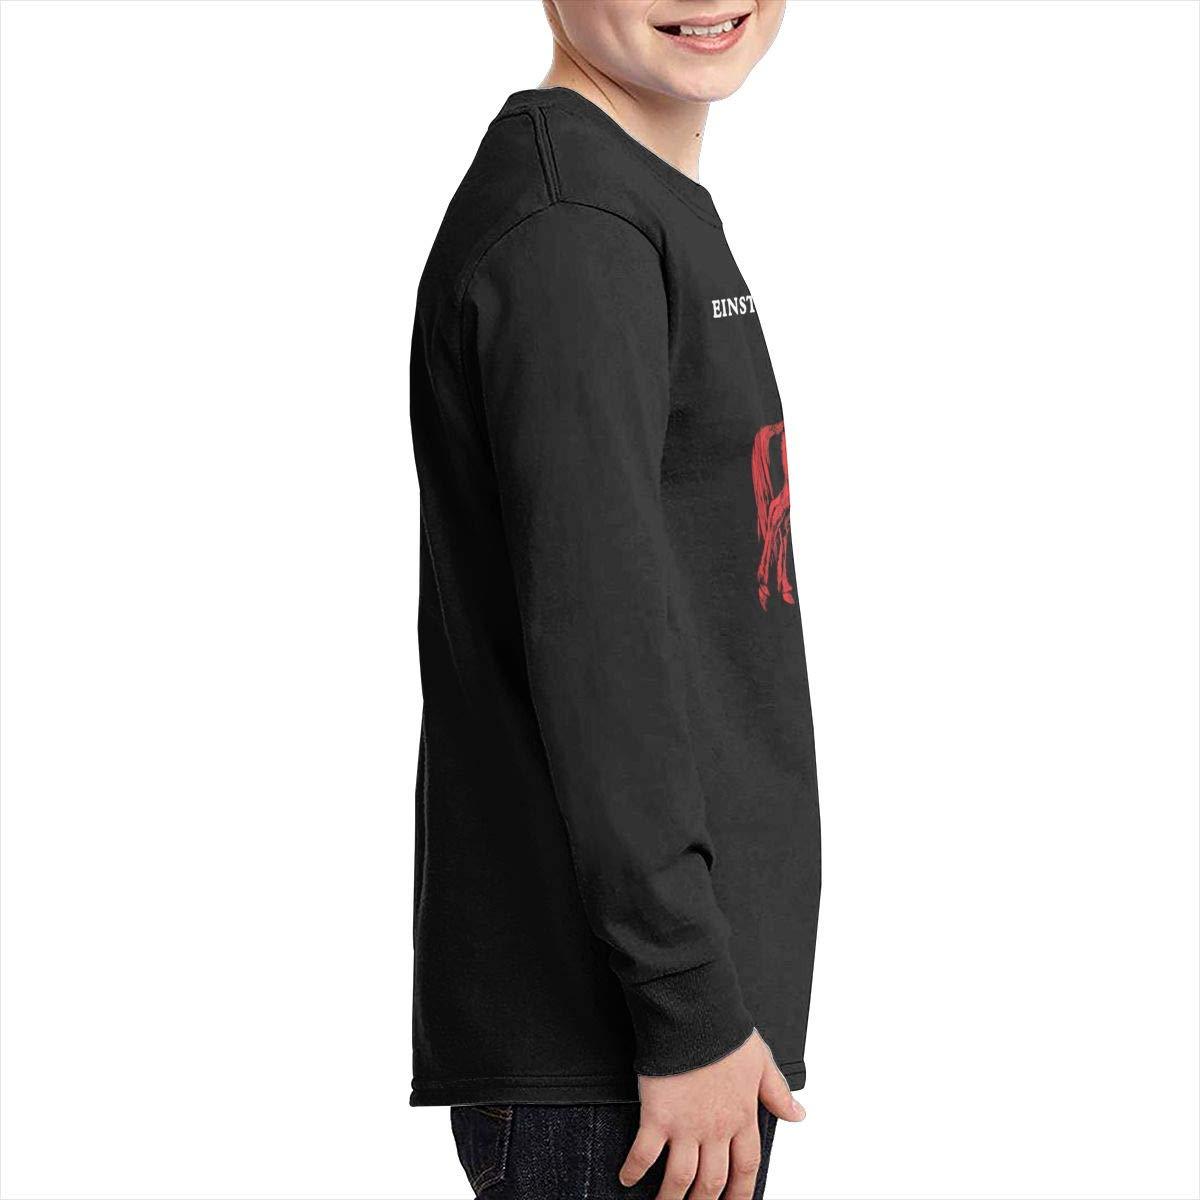 MichaelHazzard Einsturzende Neubauten Youth Fun Long Sleeve Crewneck Tee T-Shirt for Boys and Girls